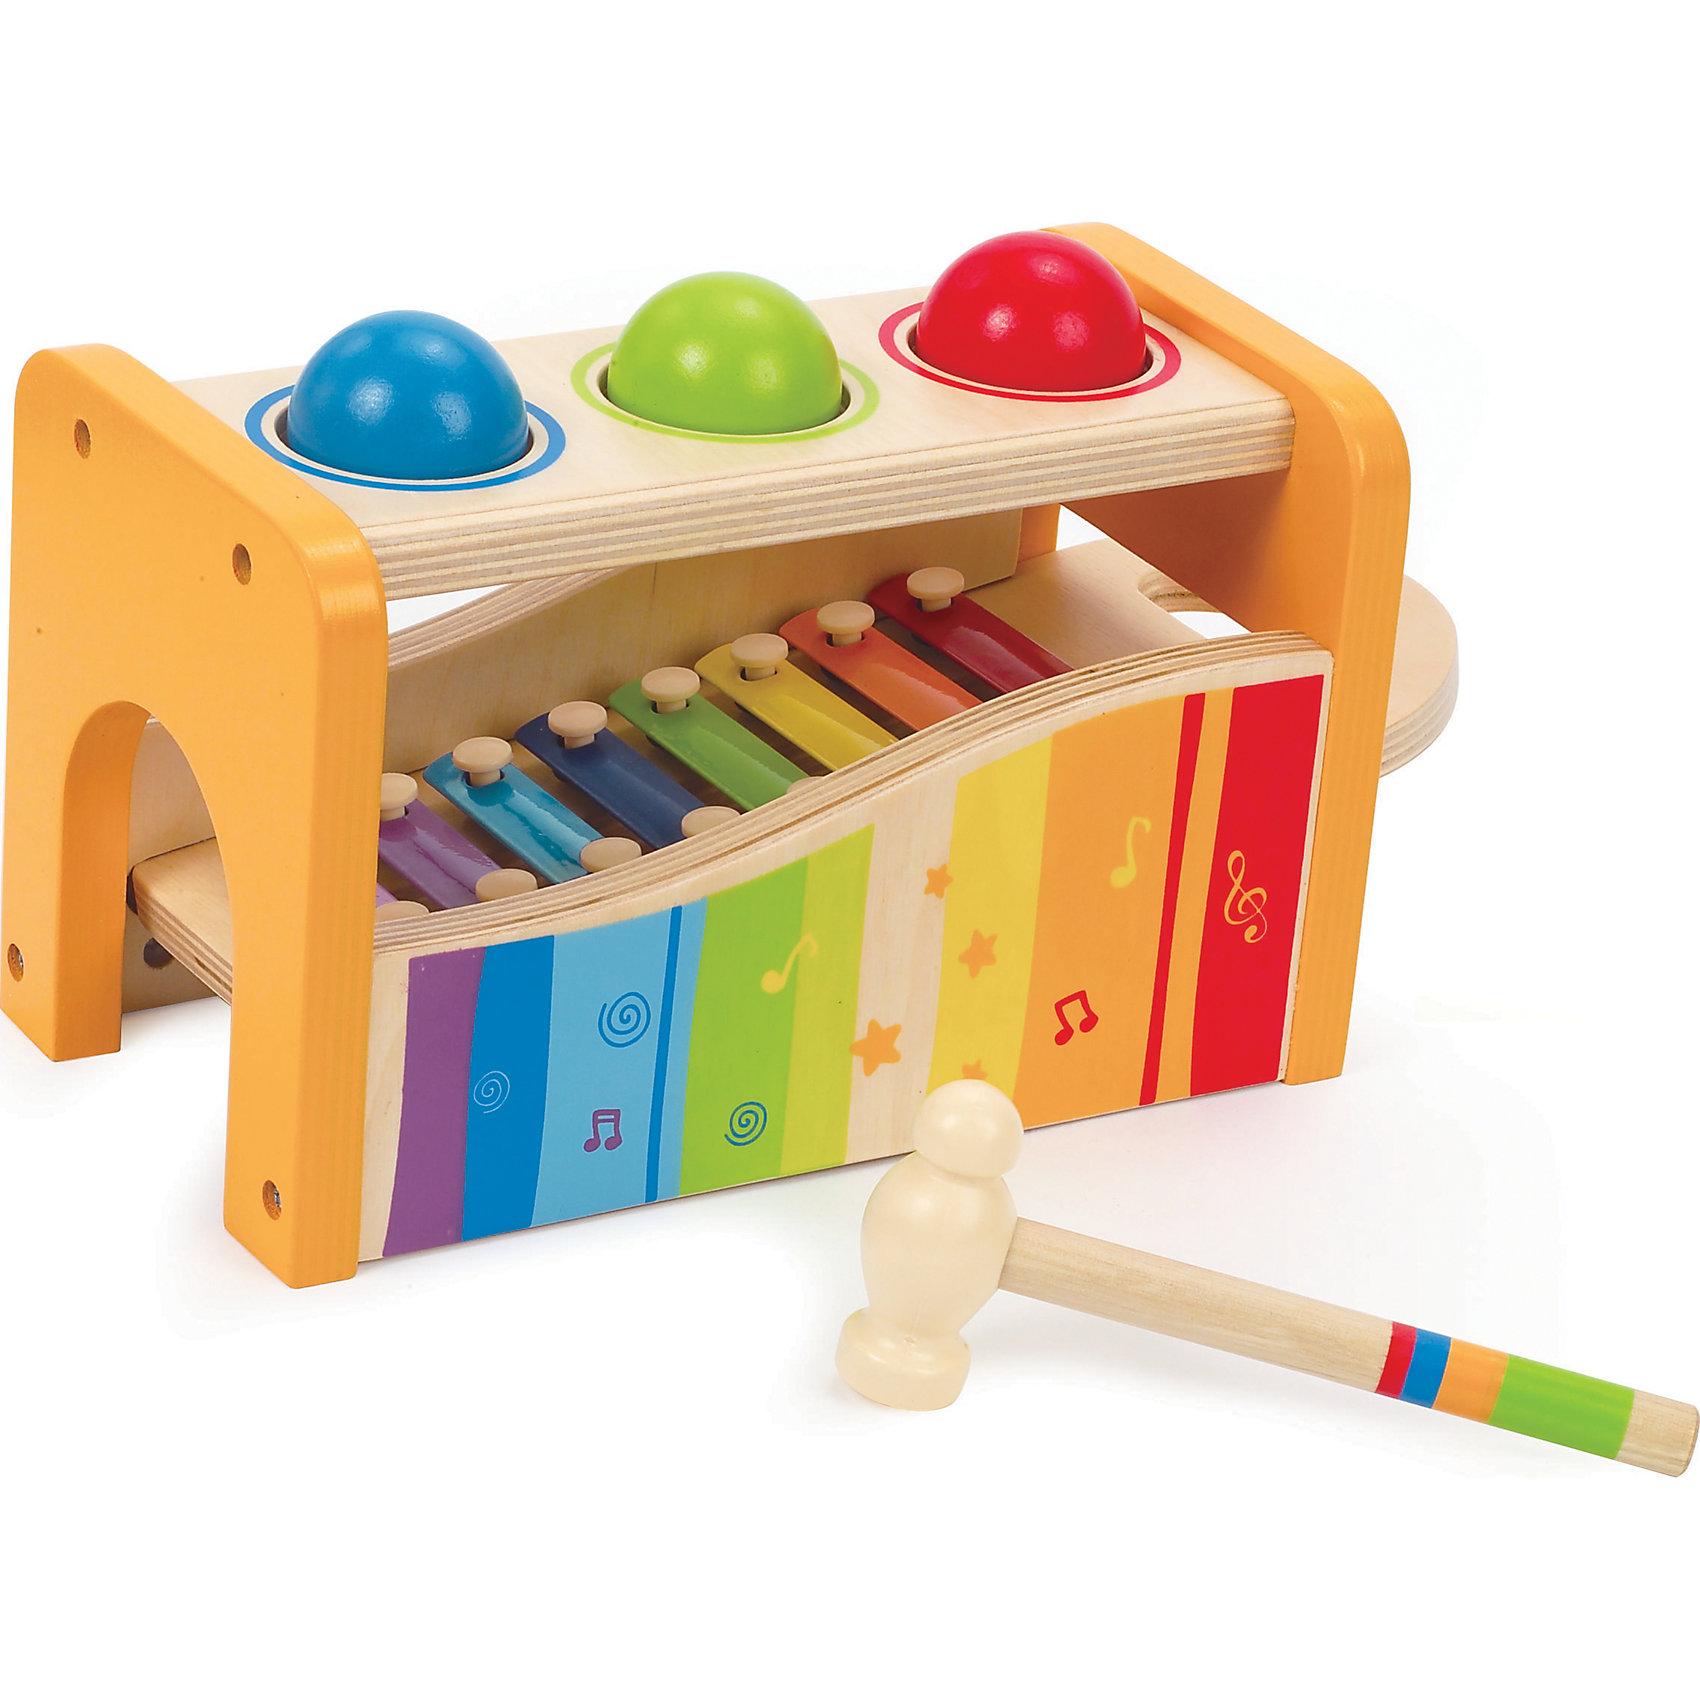 Игрушка деревянная Музыкальный набор, HapeДеревянные музыкальные игрушки<br>Игрушка деревянная Музыкальный набор, Hape - обязательно понравится малышу!<br><br>Играть можно двумя способами: бить молоточкам по шарикам, они будут падать внутрь и в сопровождении веселых звуков выкатываться из ворот; ксилофон можно использовать отдельно, для этого его необходимо вытащить из деревянного каркаса.  Ксилофон с разноцветными клавишами воспроизводит целую октаву звуков. Игрушка развивает навыки мелкой моторики, координацию движений, учит пониманию причины и следствия.<br><br>Дополнительная информация:<br><br>В набор входит: <br>- деревянный каркас, <br>- 3 разноцветные деревянные шарика, <br>- ксилофон с металлическими клавишами,<br>- молоточек.<br>Размер упаковки: 30 х 15 х 18 см<br>Размер игрушки: 24 х 15 х 13.5 см <br><br>Игрушку деревянную Музыкальный набор, Hape можно купить в нашем интернет - магазине.<br><br>Ширина мм: 307<br>Глубина мм: 182<br>Высота мм: 155<br>Вес г: 1340<br>Возраст от месяцев: 12<br>Возраст до месяцев: 36<br>Пол: Унисекс<br>Возраст: Детский<br>SKU: 2503719